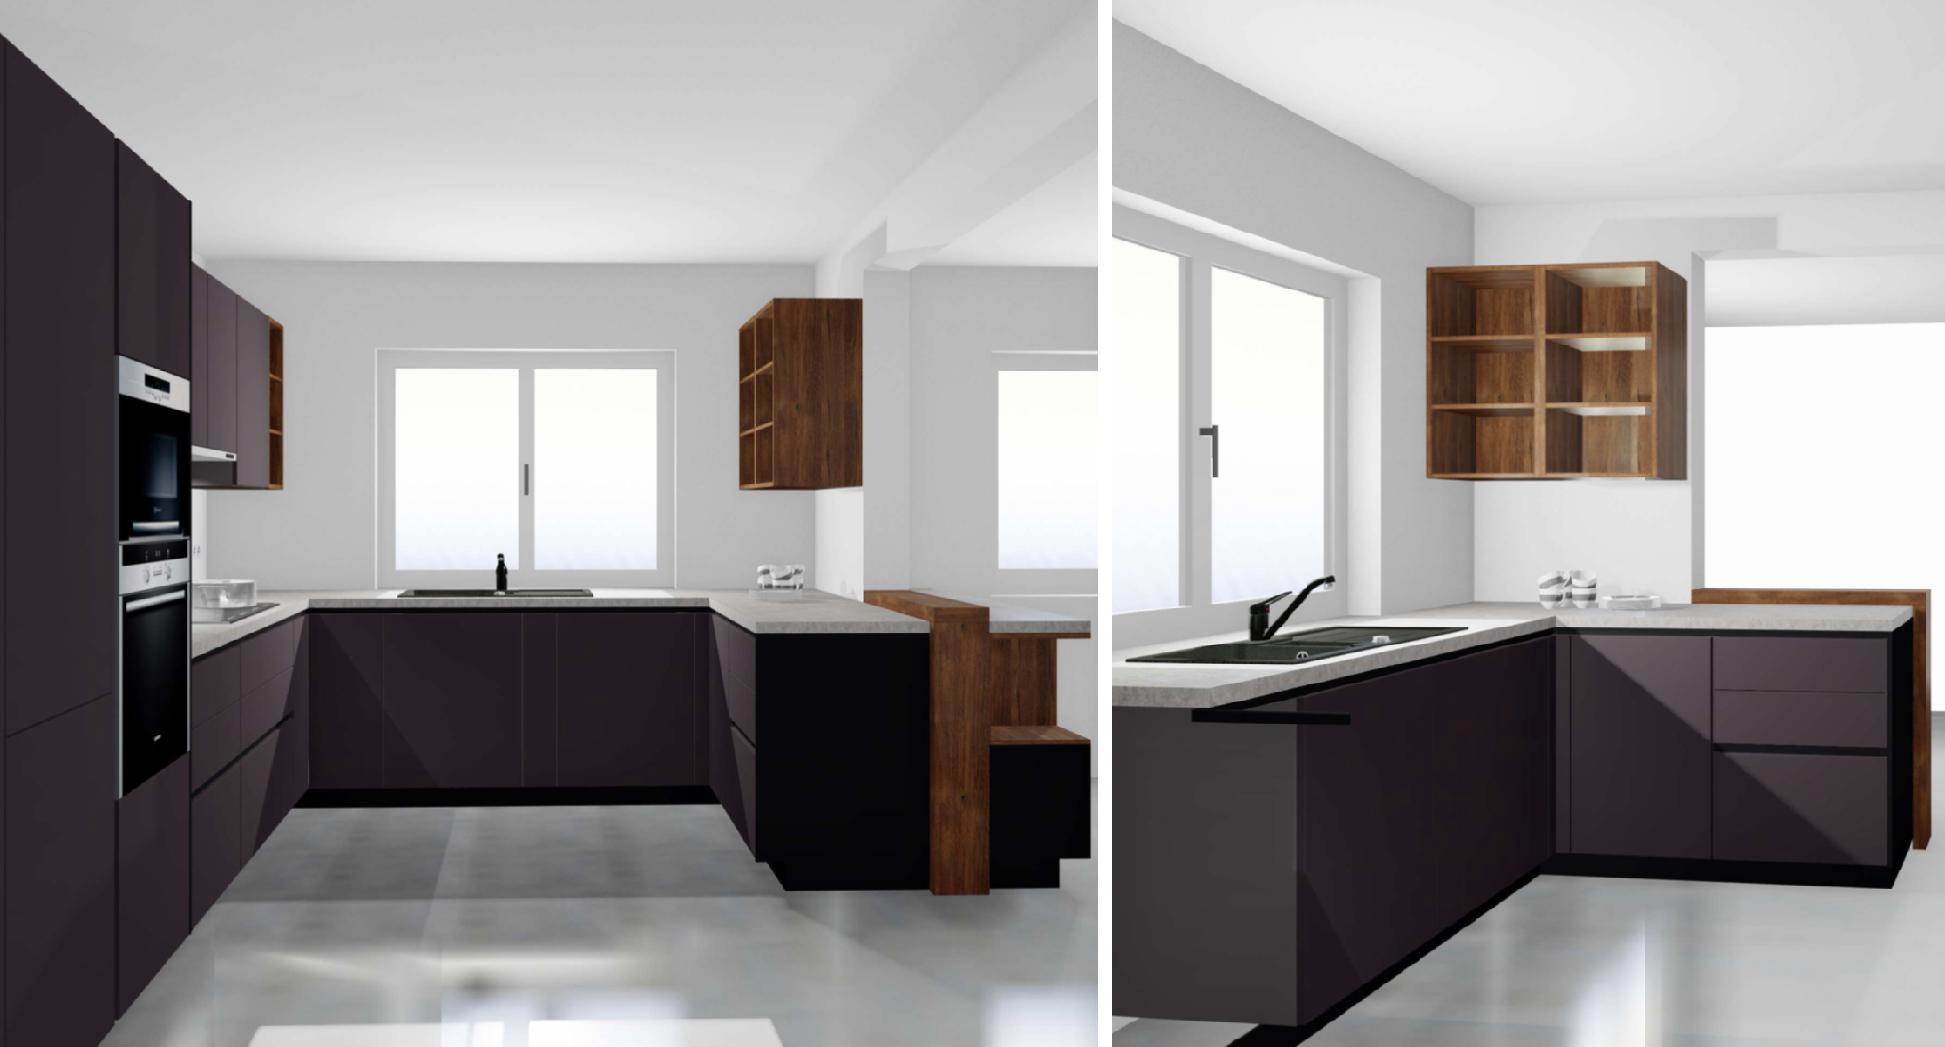 Unser erster Entwurf bei der Küchenplanung von Alno